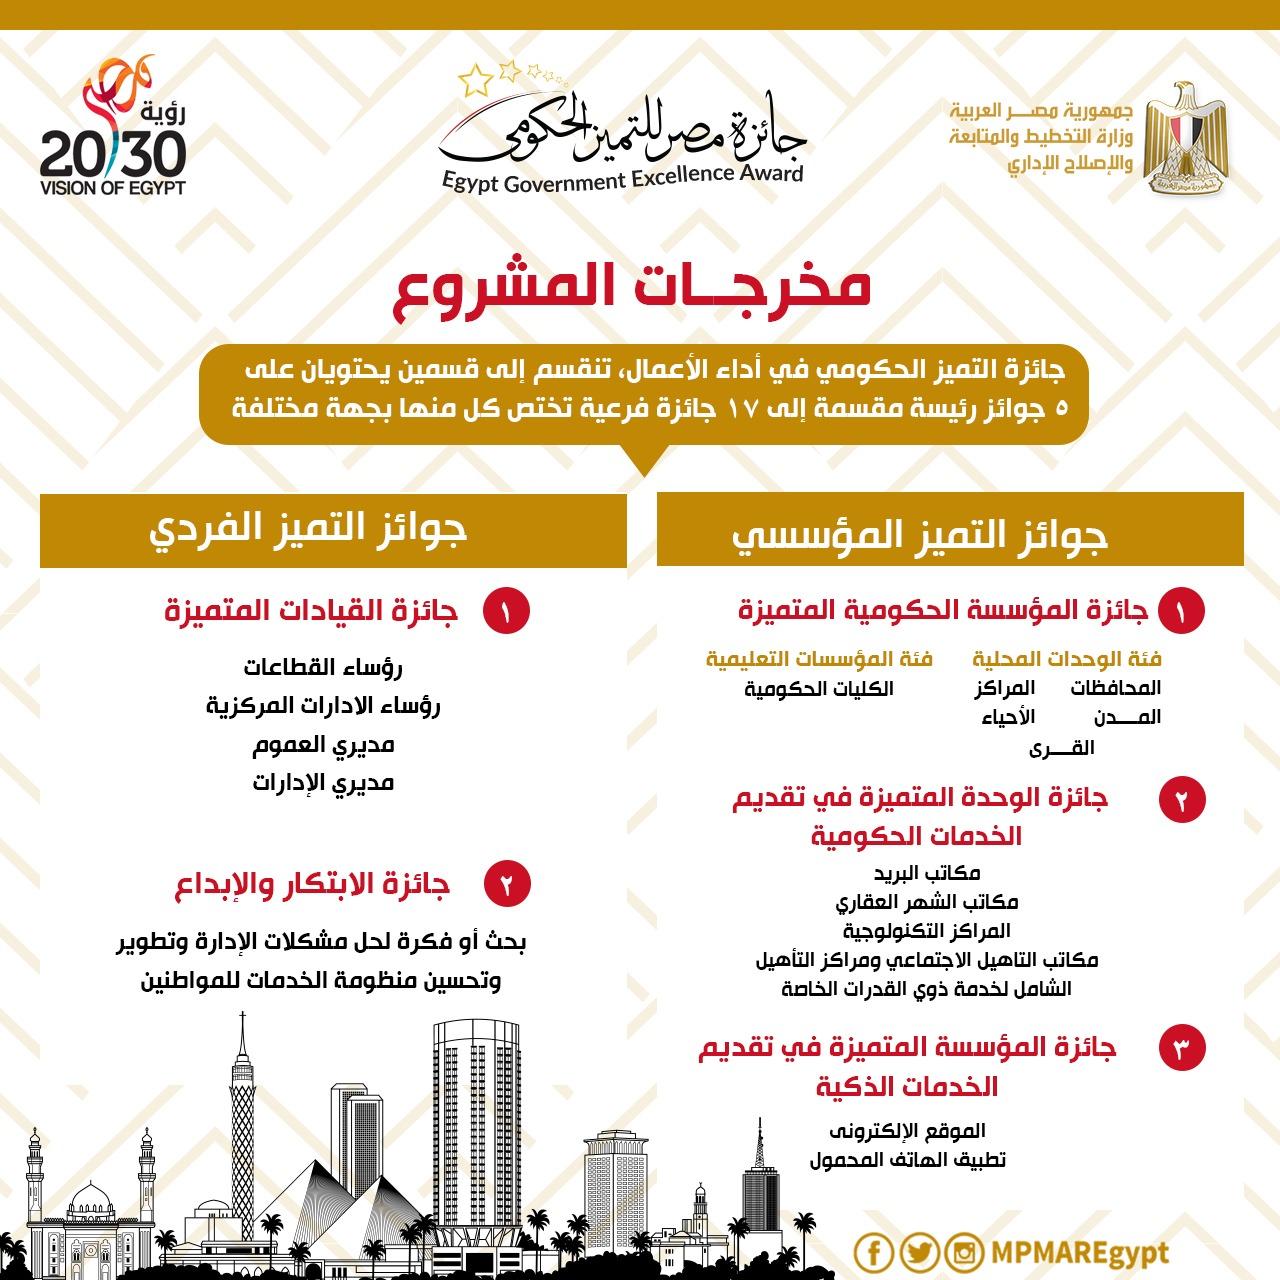 مخرجات مشروع جائزة مصر للتميز الحكومى